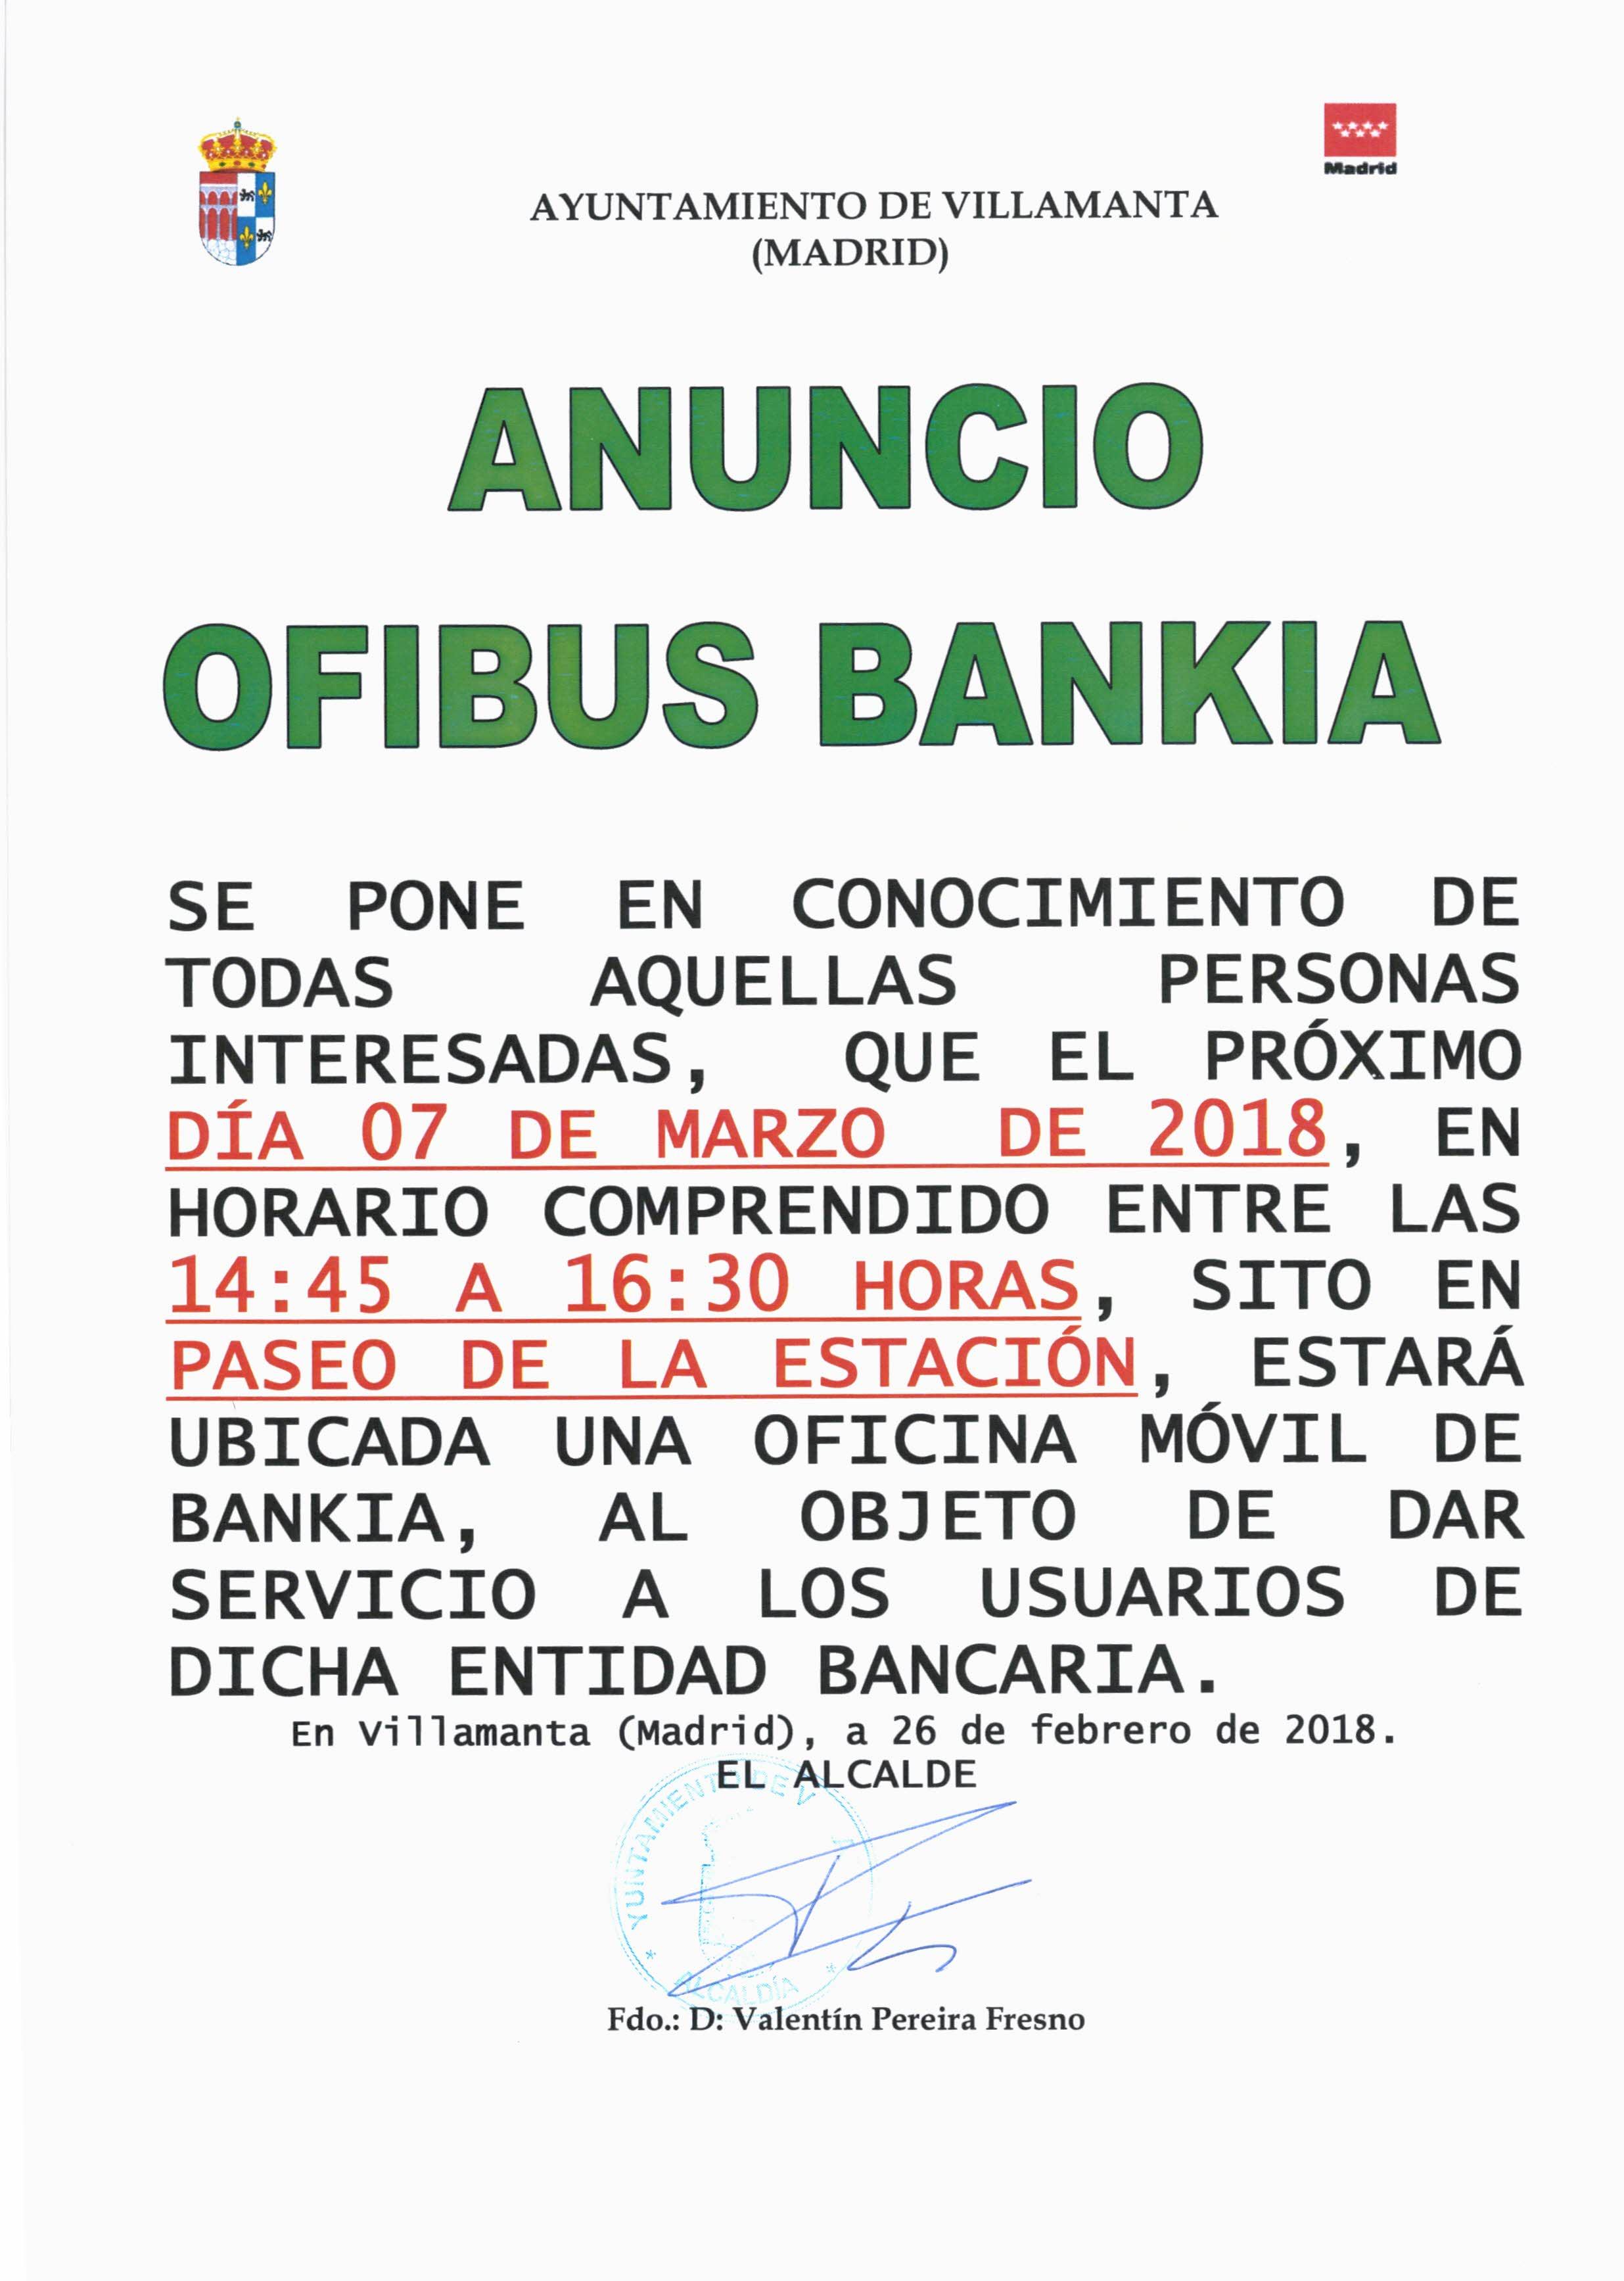 Ofibus Bankia 7 de marzo de 2018